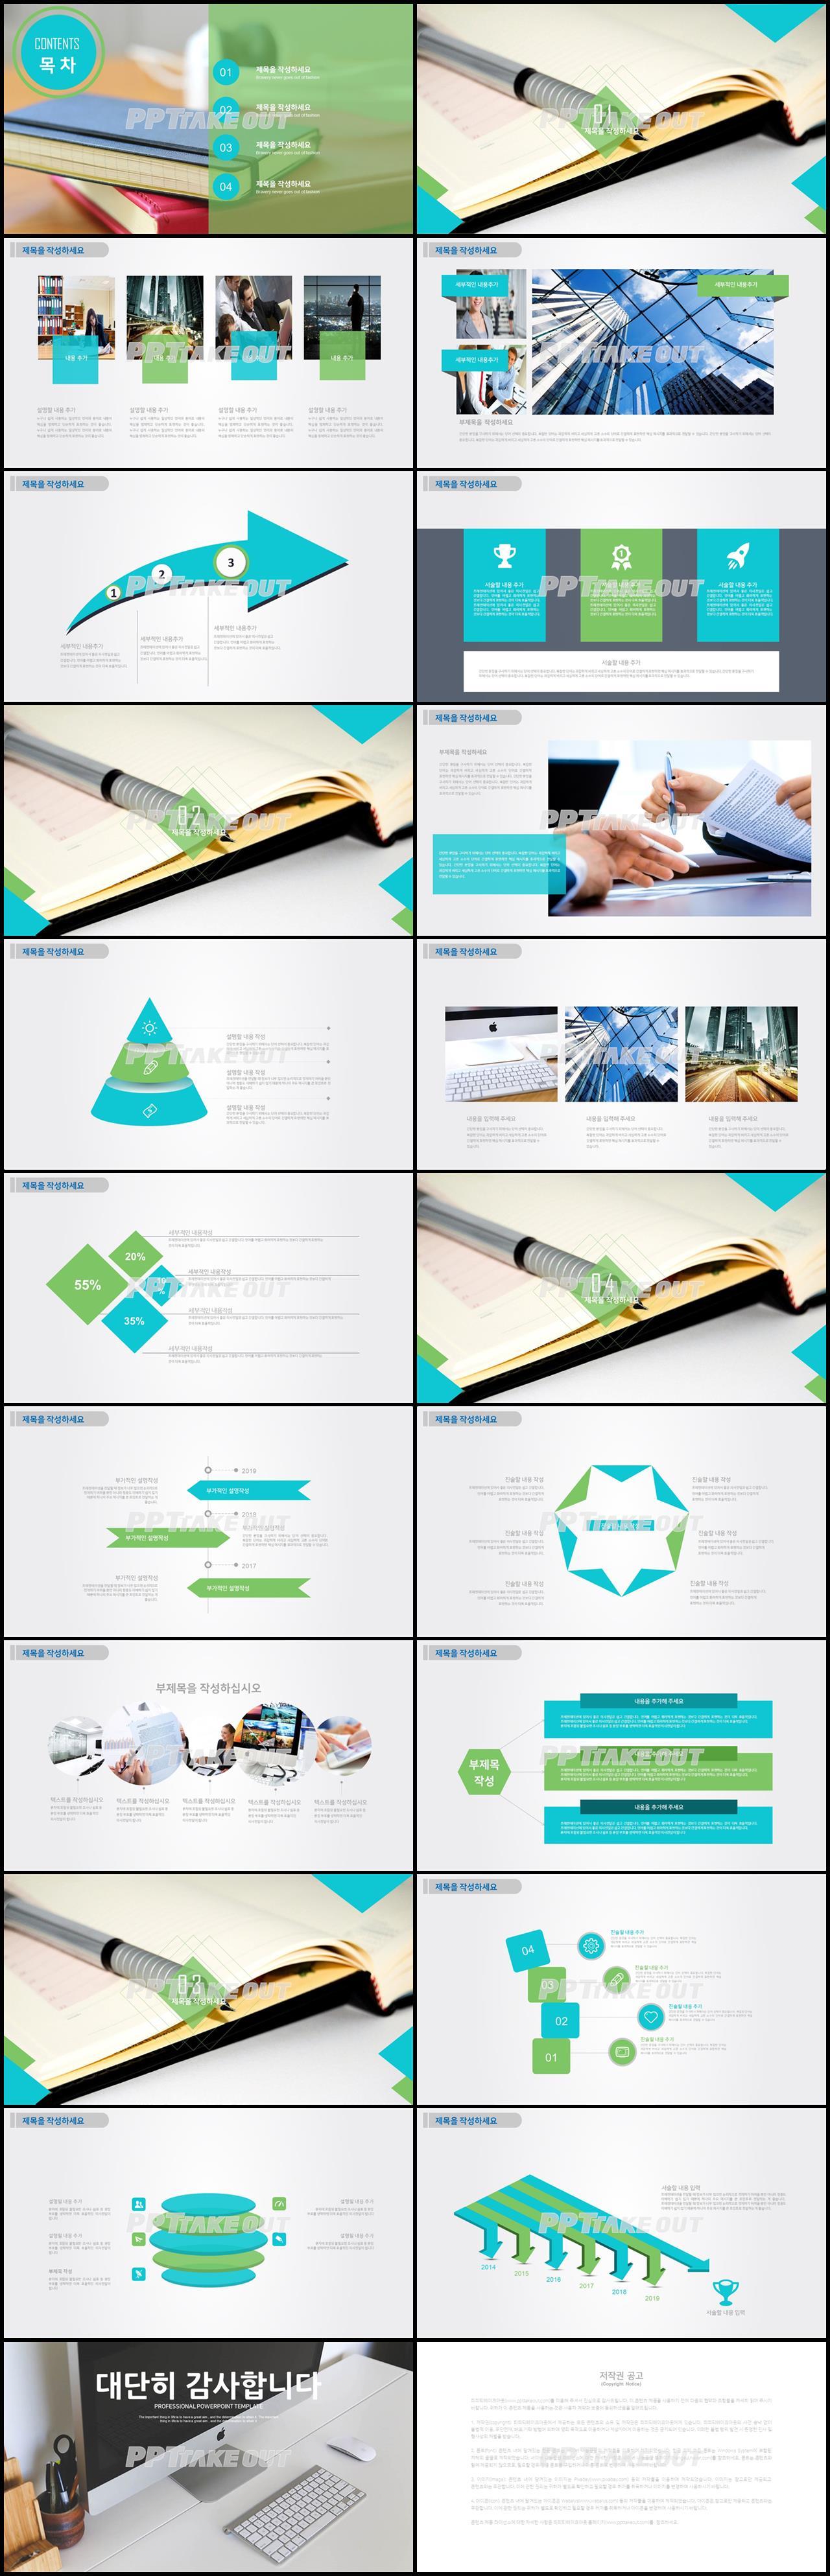 업무프로세스 초록색 스타일 나는 매력적인 POWERPOINT탬플릿 제작 상세보기